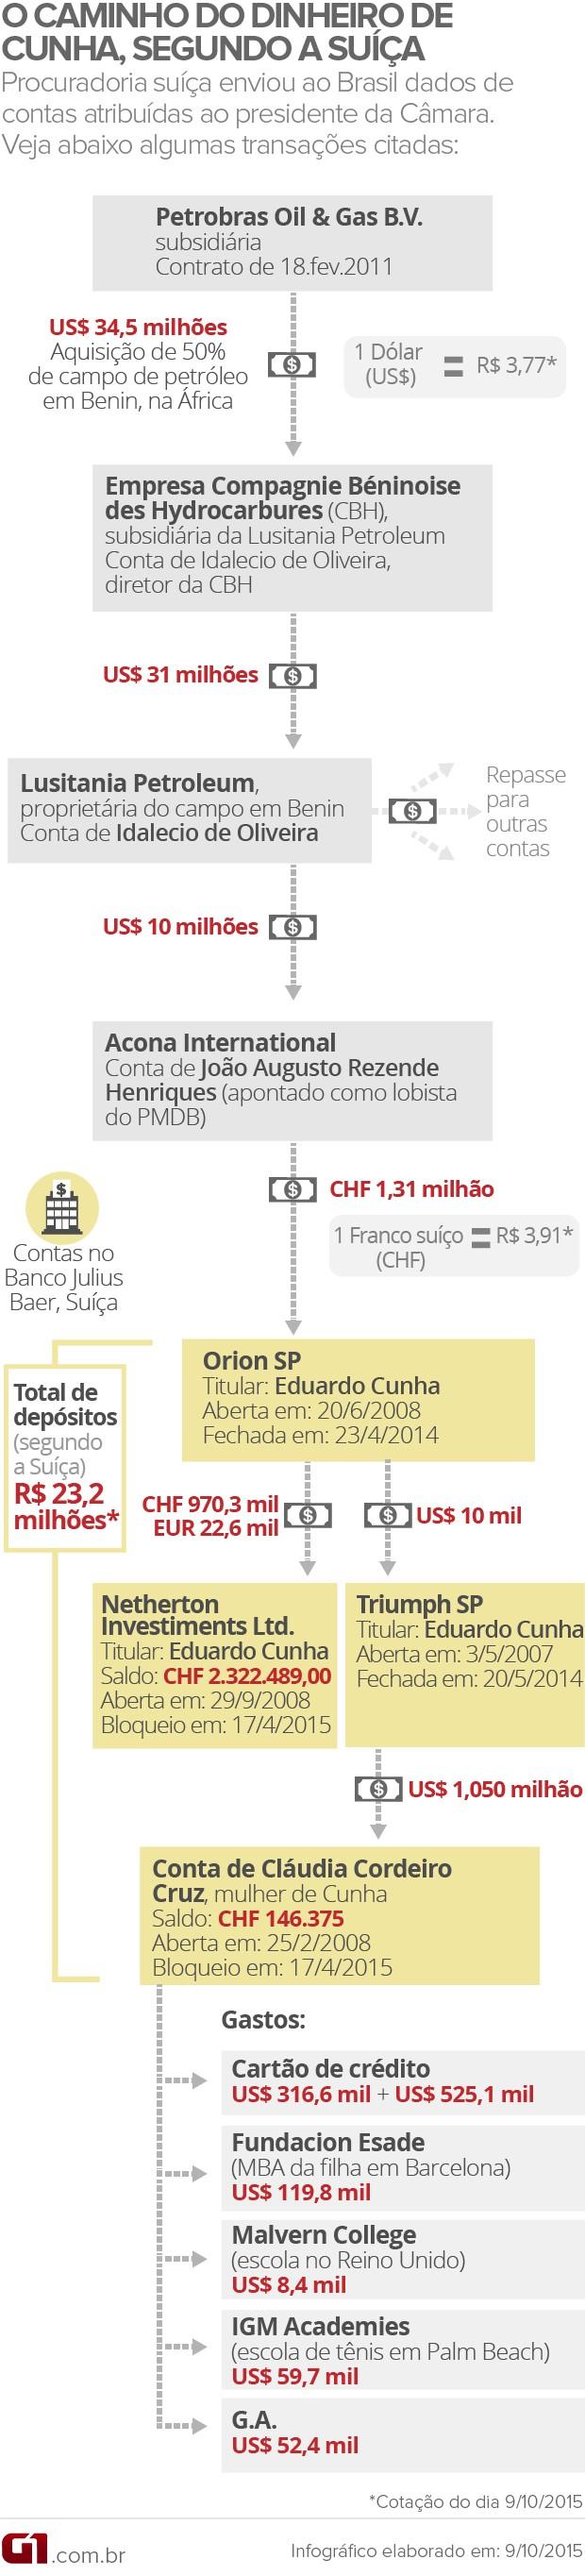 O caminho do dinheiro de Eduardo Cunha, segundo a Suíça (VALE ESTA VALE ESTA) (Foto: Editoria de Arte / G1)